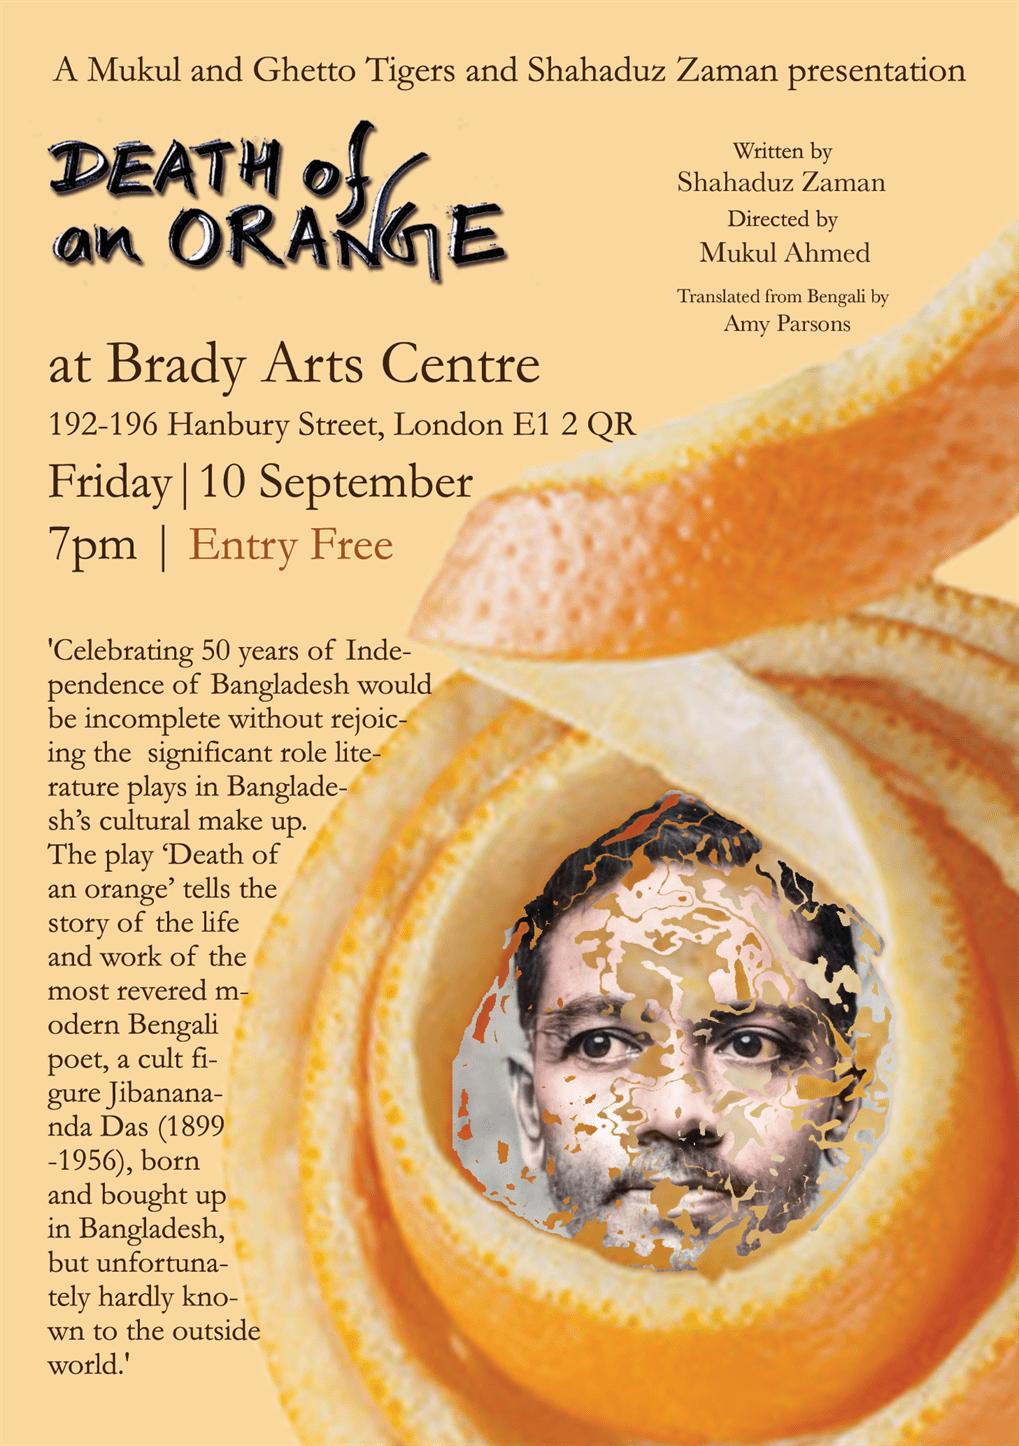 Death of an orange